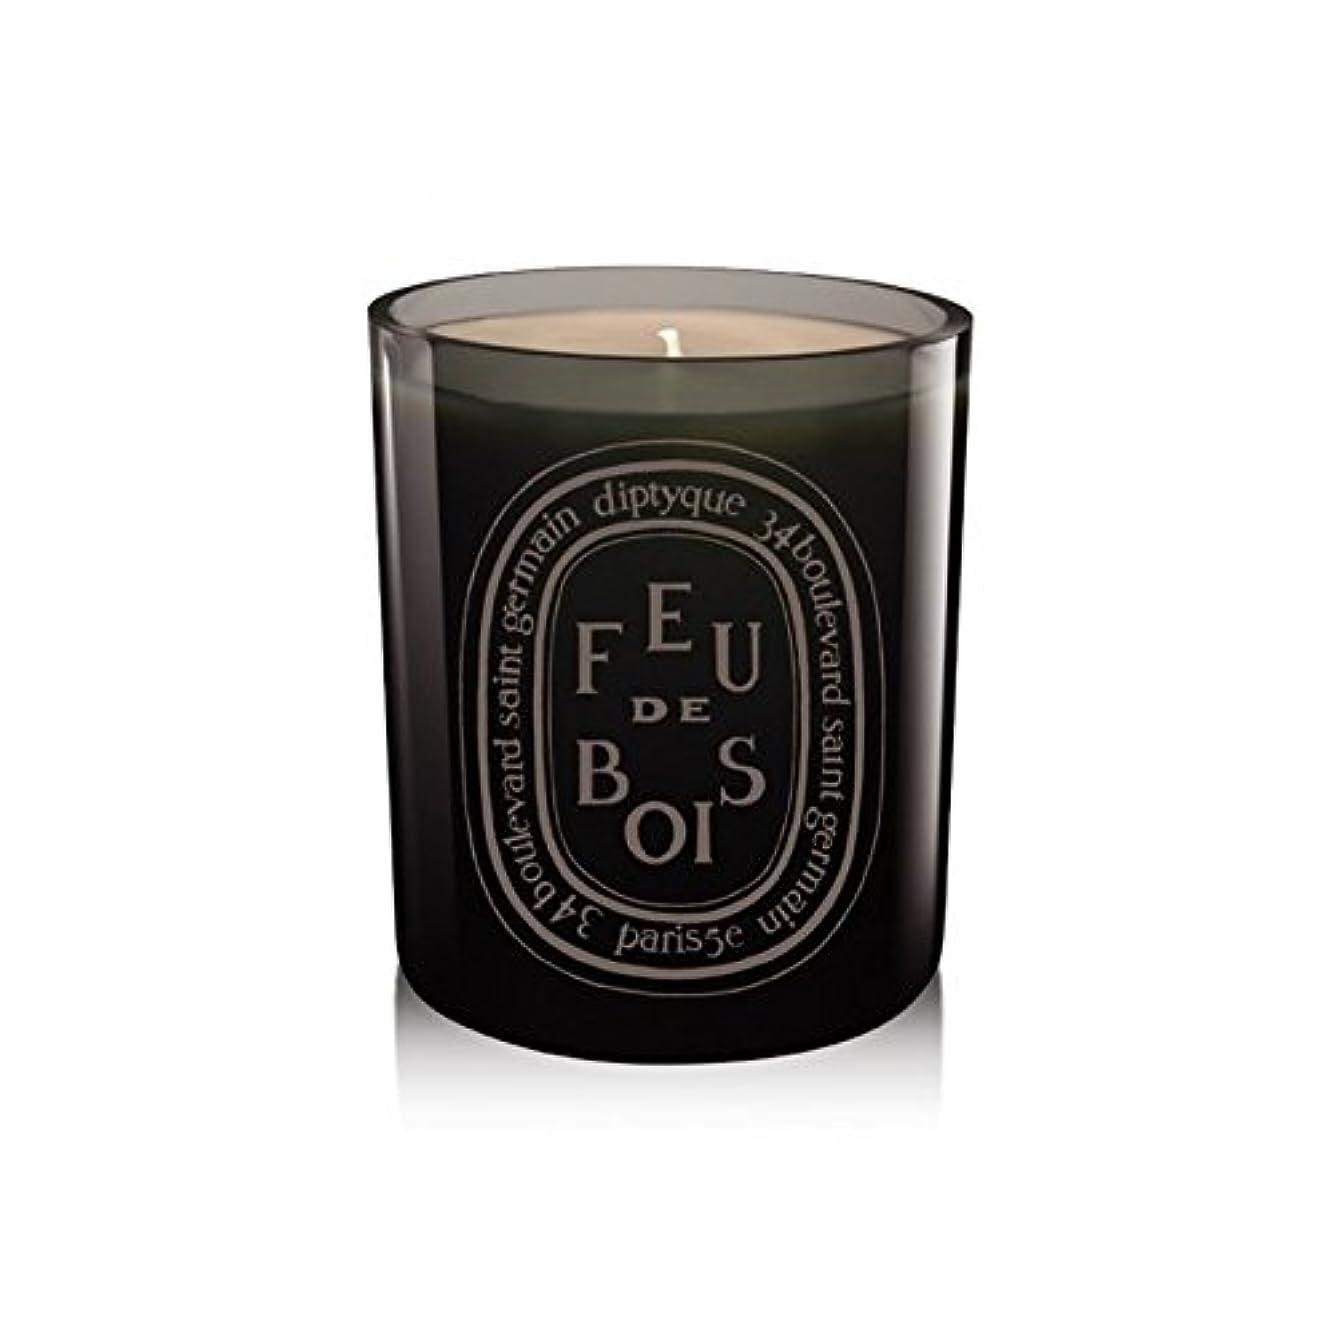 ダメージエーカー農奴Diptyque Coloured Candle Feu De Bois